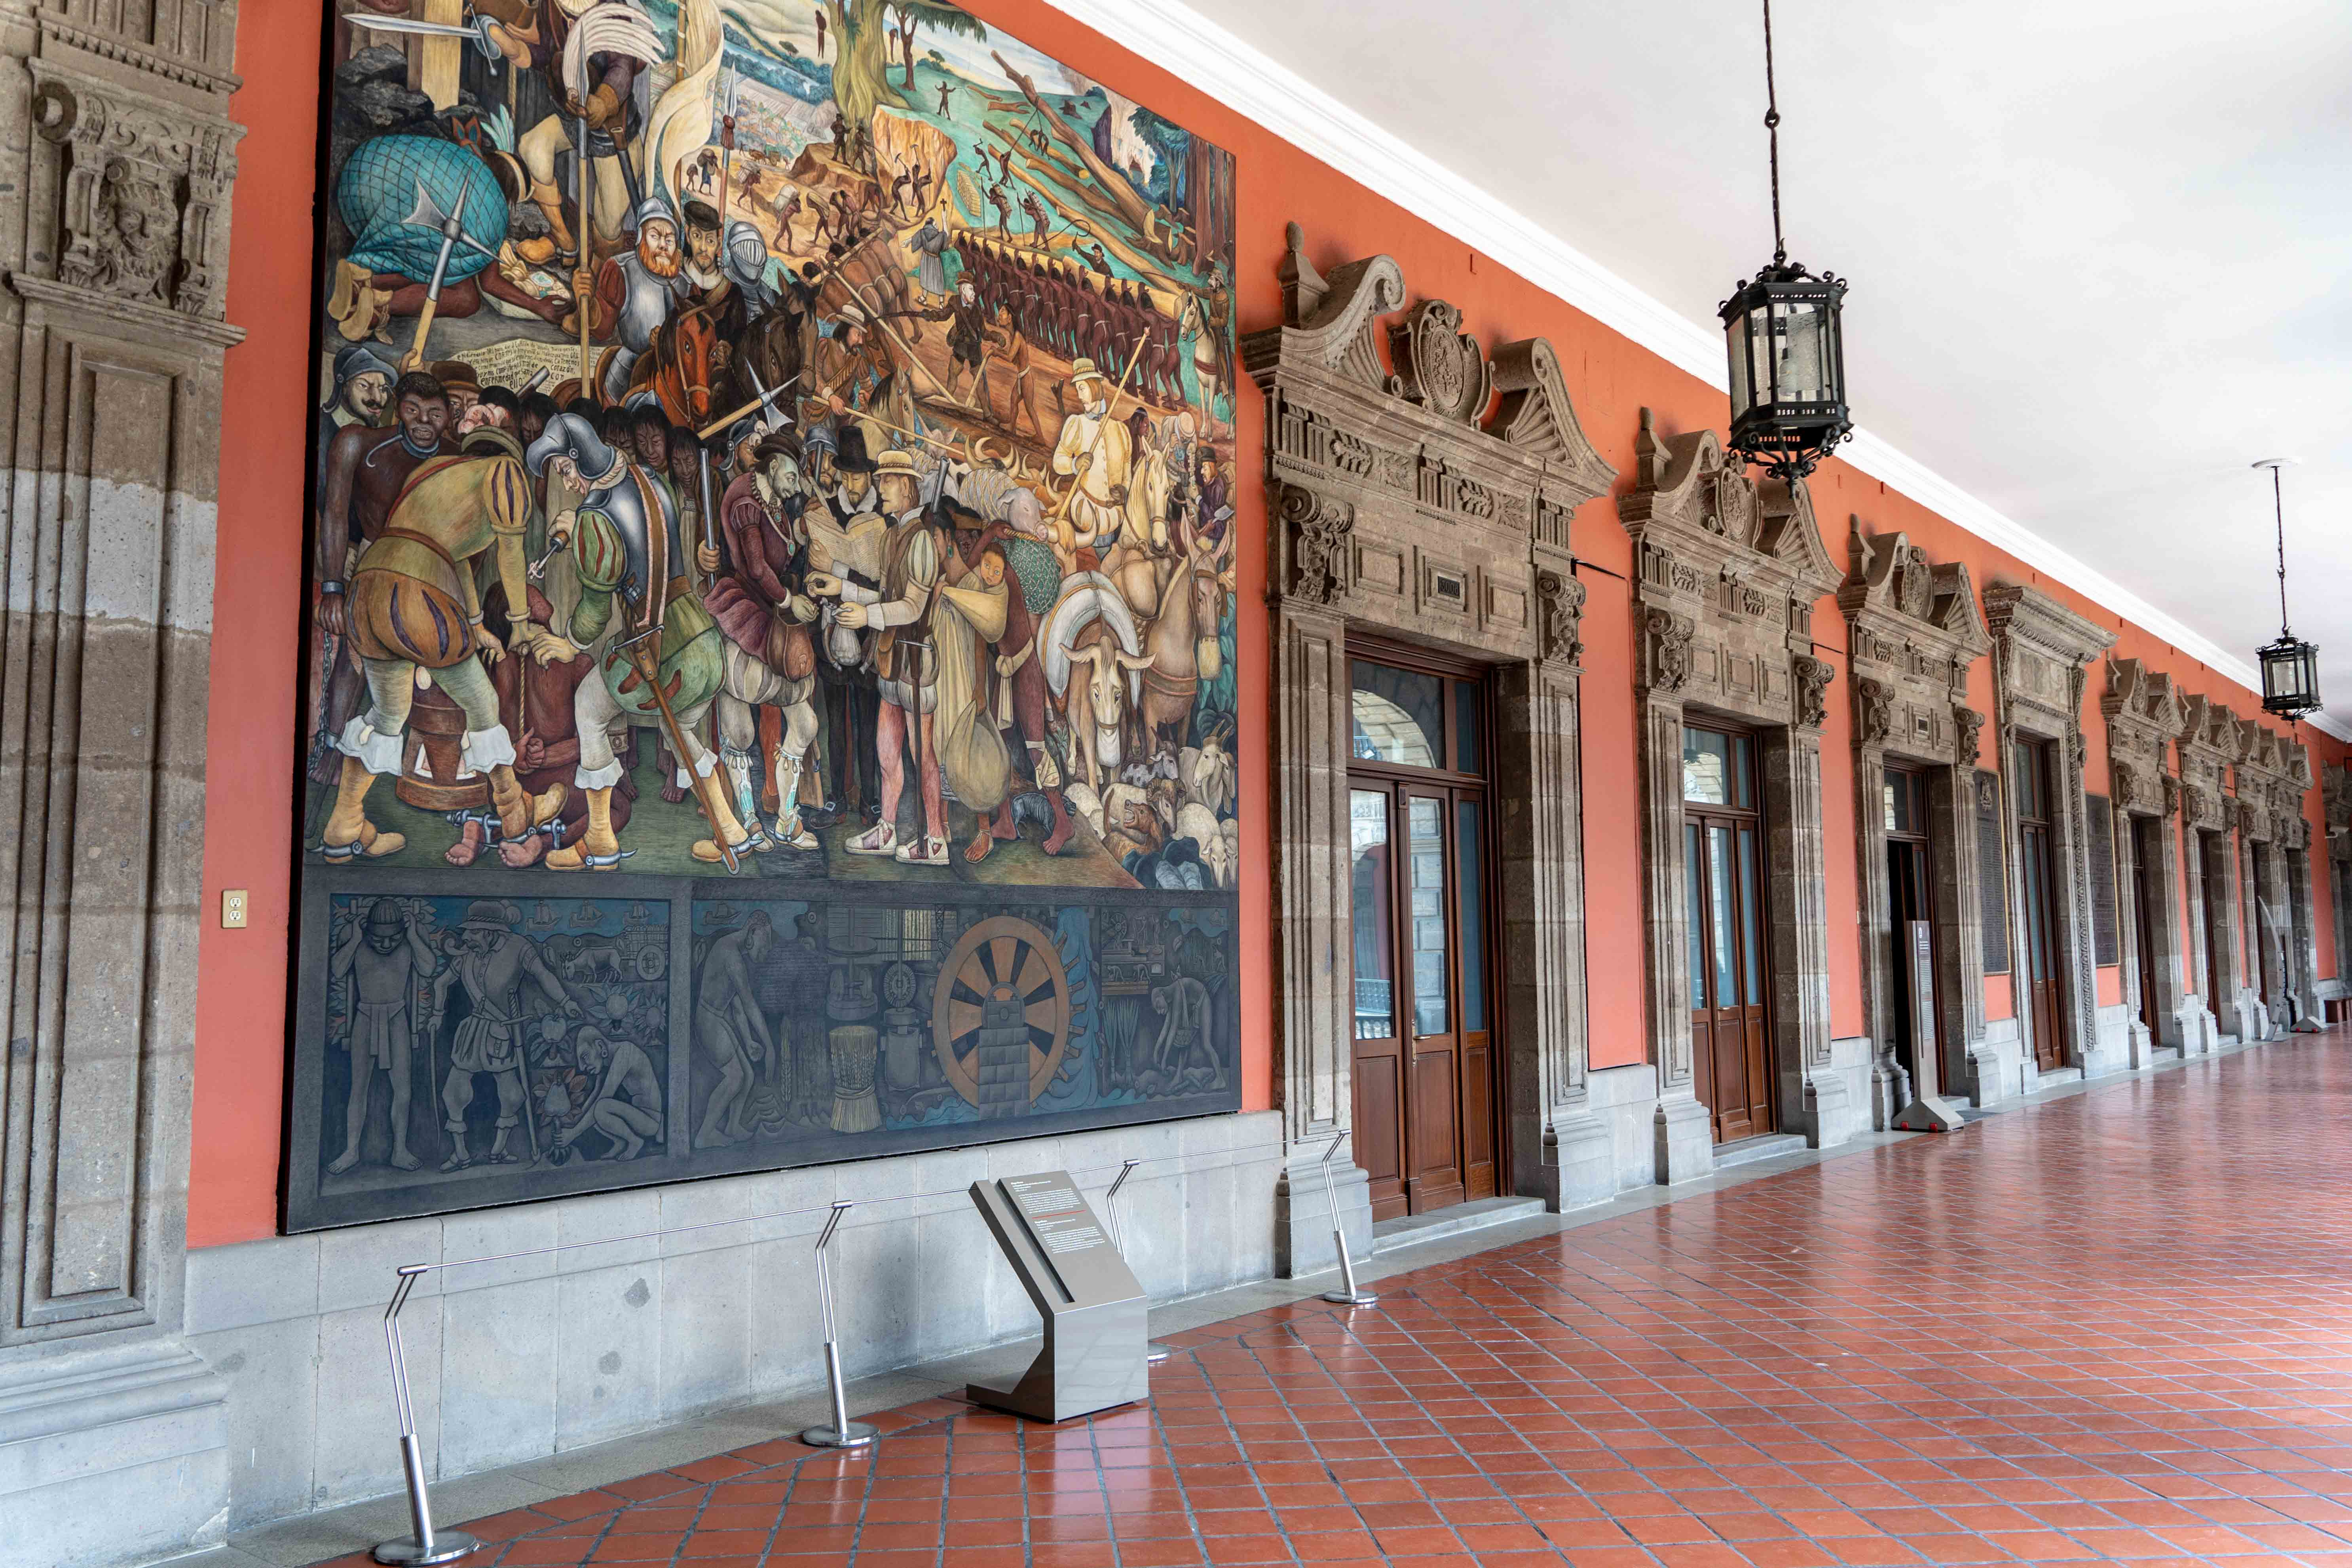 Profitez de votre visite à Mexico City pour découvrir le Palacio Nacional dans le centre historique de la ville.